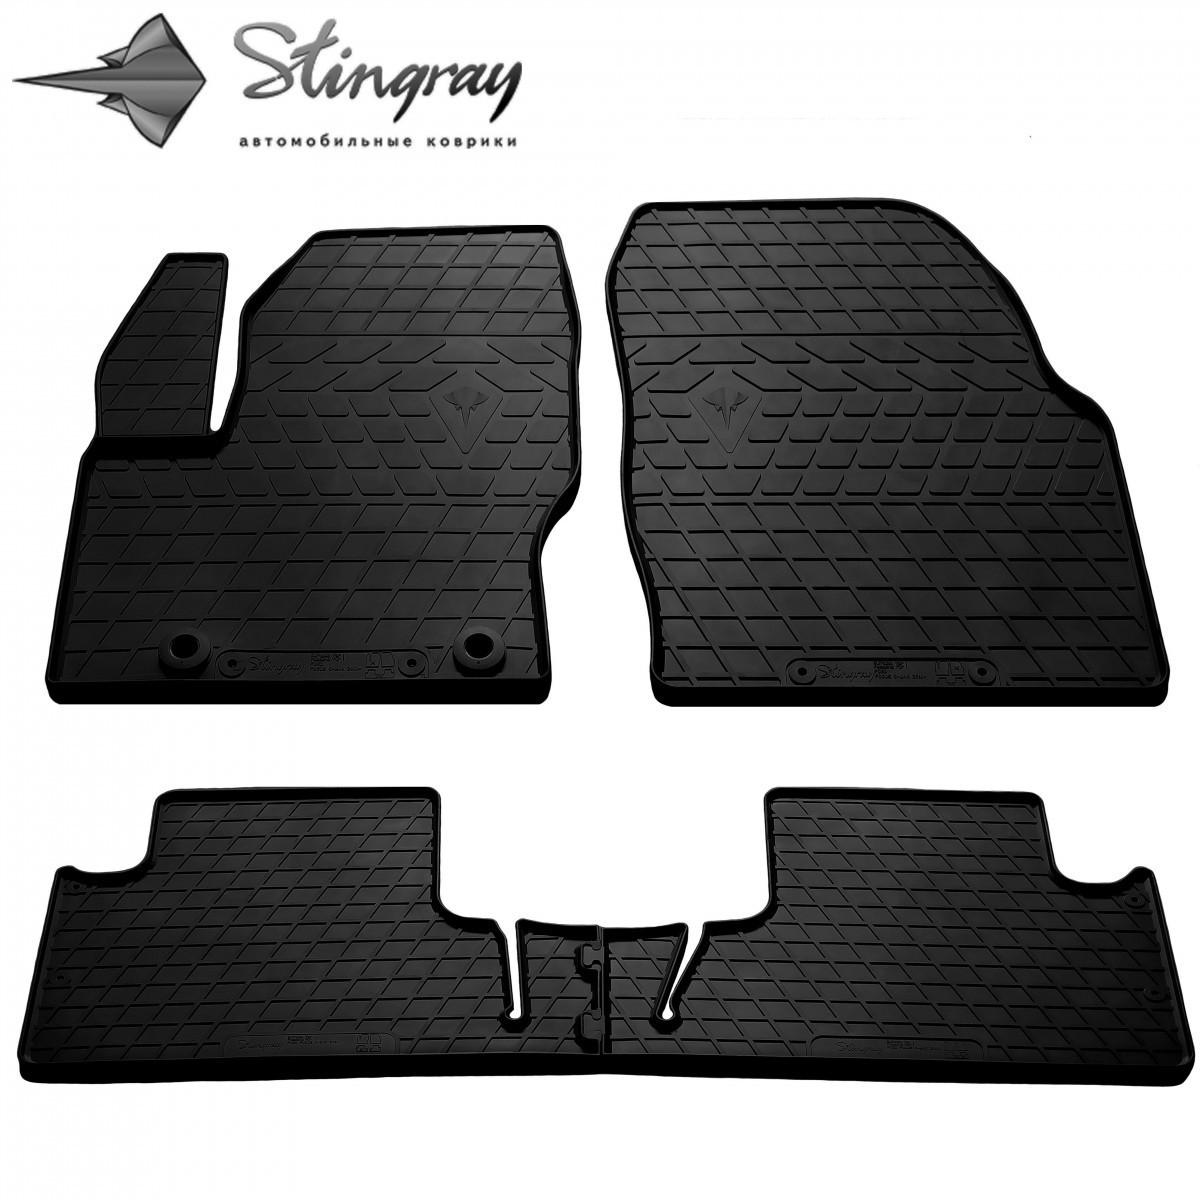 Автомобильные коврики Ford Focus C-Max 2011- Комплект из 4-х ковриков Stingray